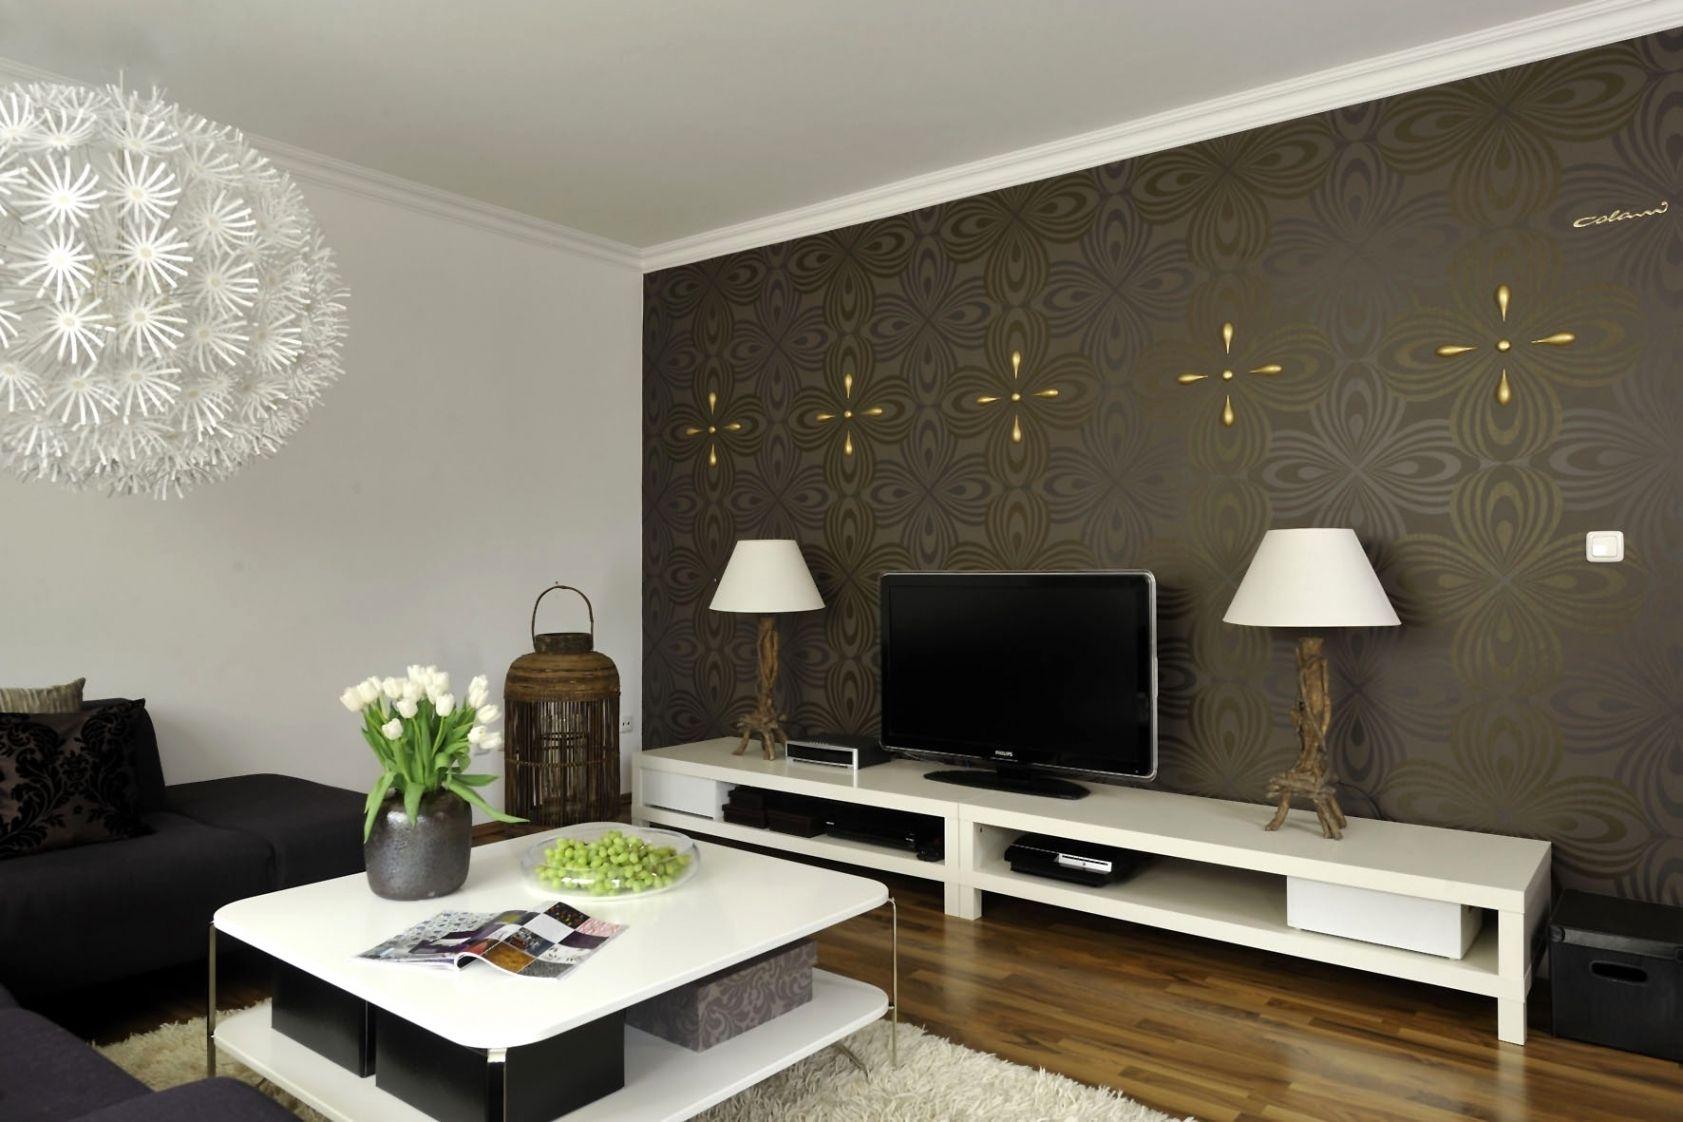 elegant wohnzimmer tapeten ideen | wohnzimmermöbel | pinterest - Elegant Wohnzimmer